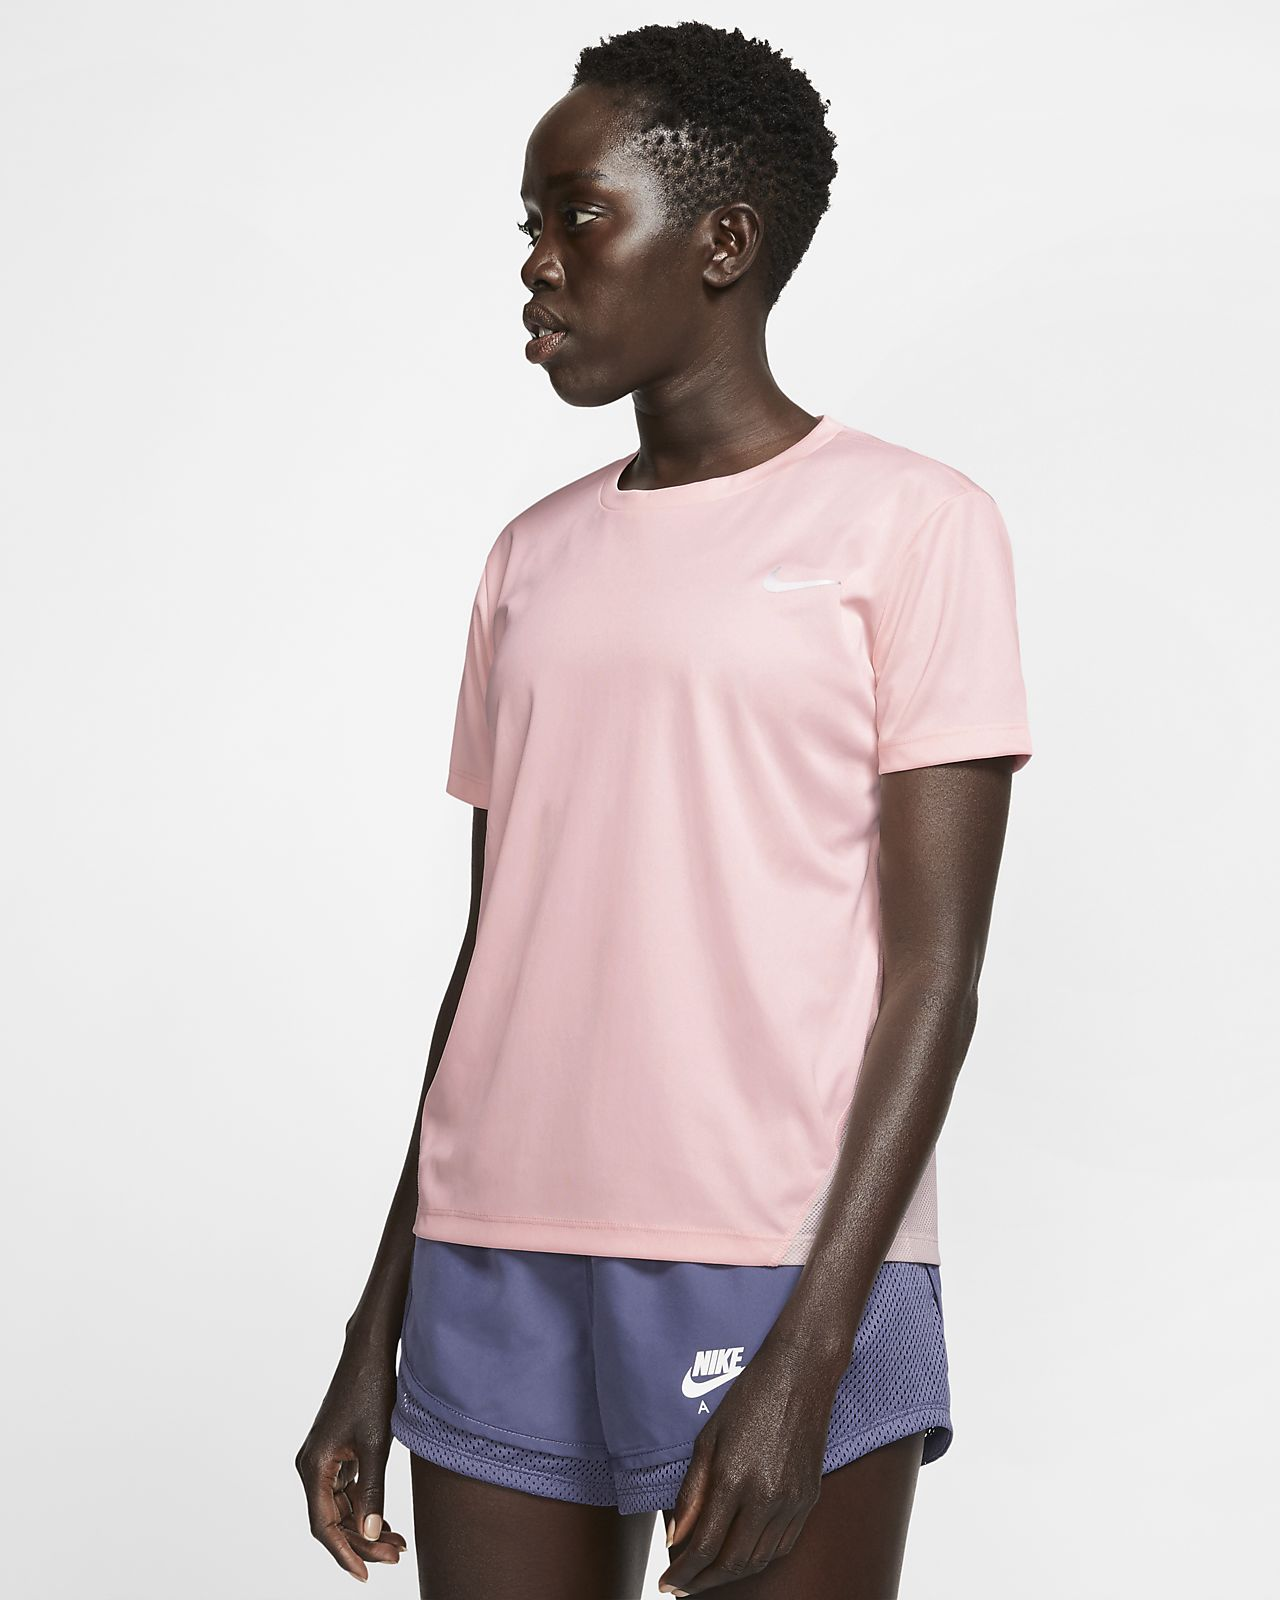 Γυναικεία κοντομάνικη μπλούζα για τρέξιμο Nike Miler